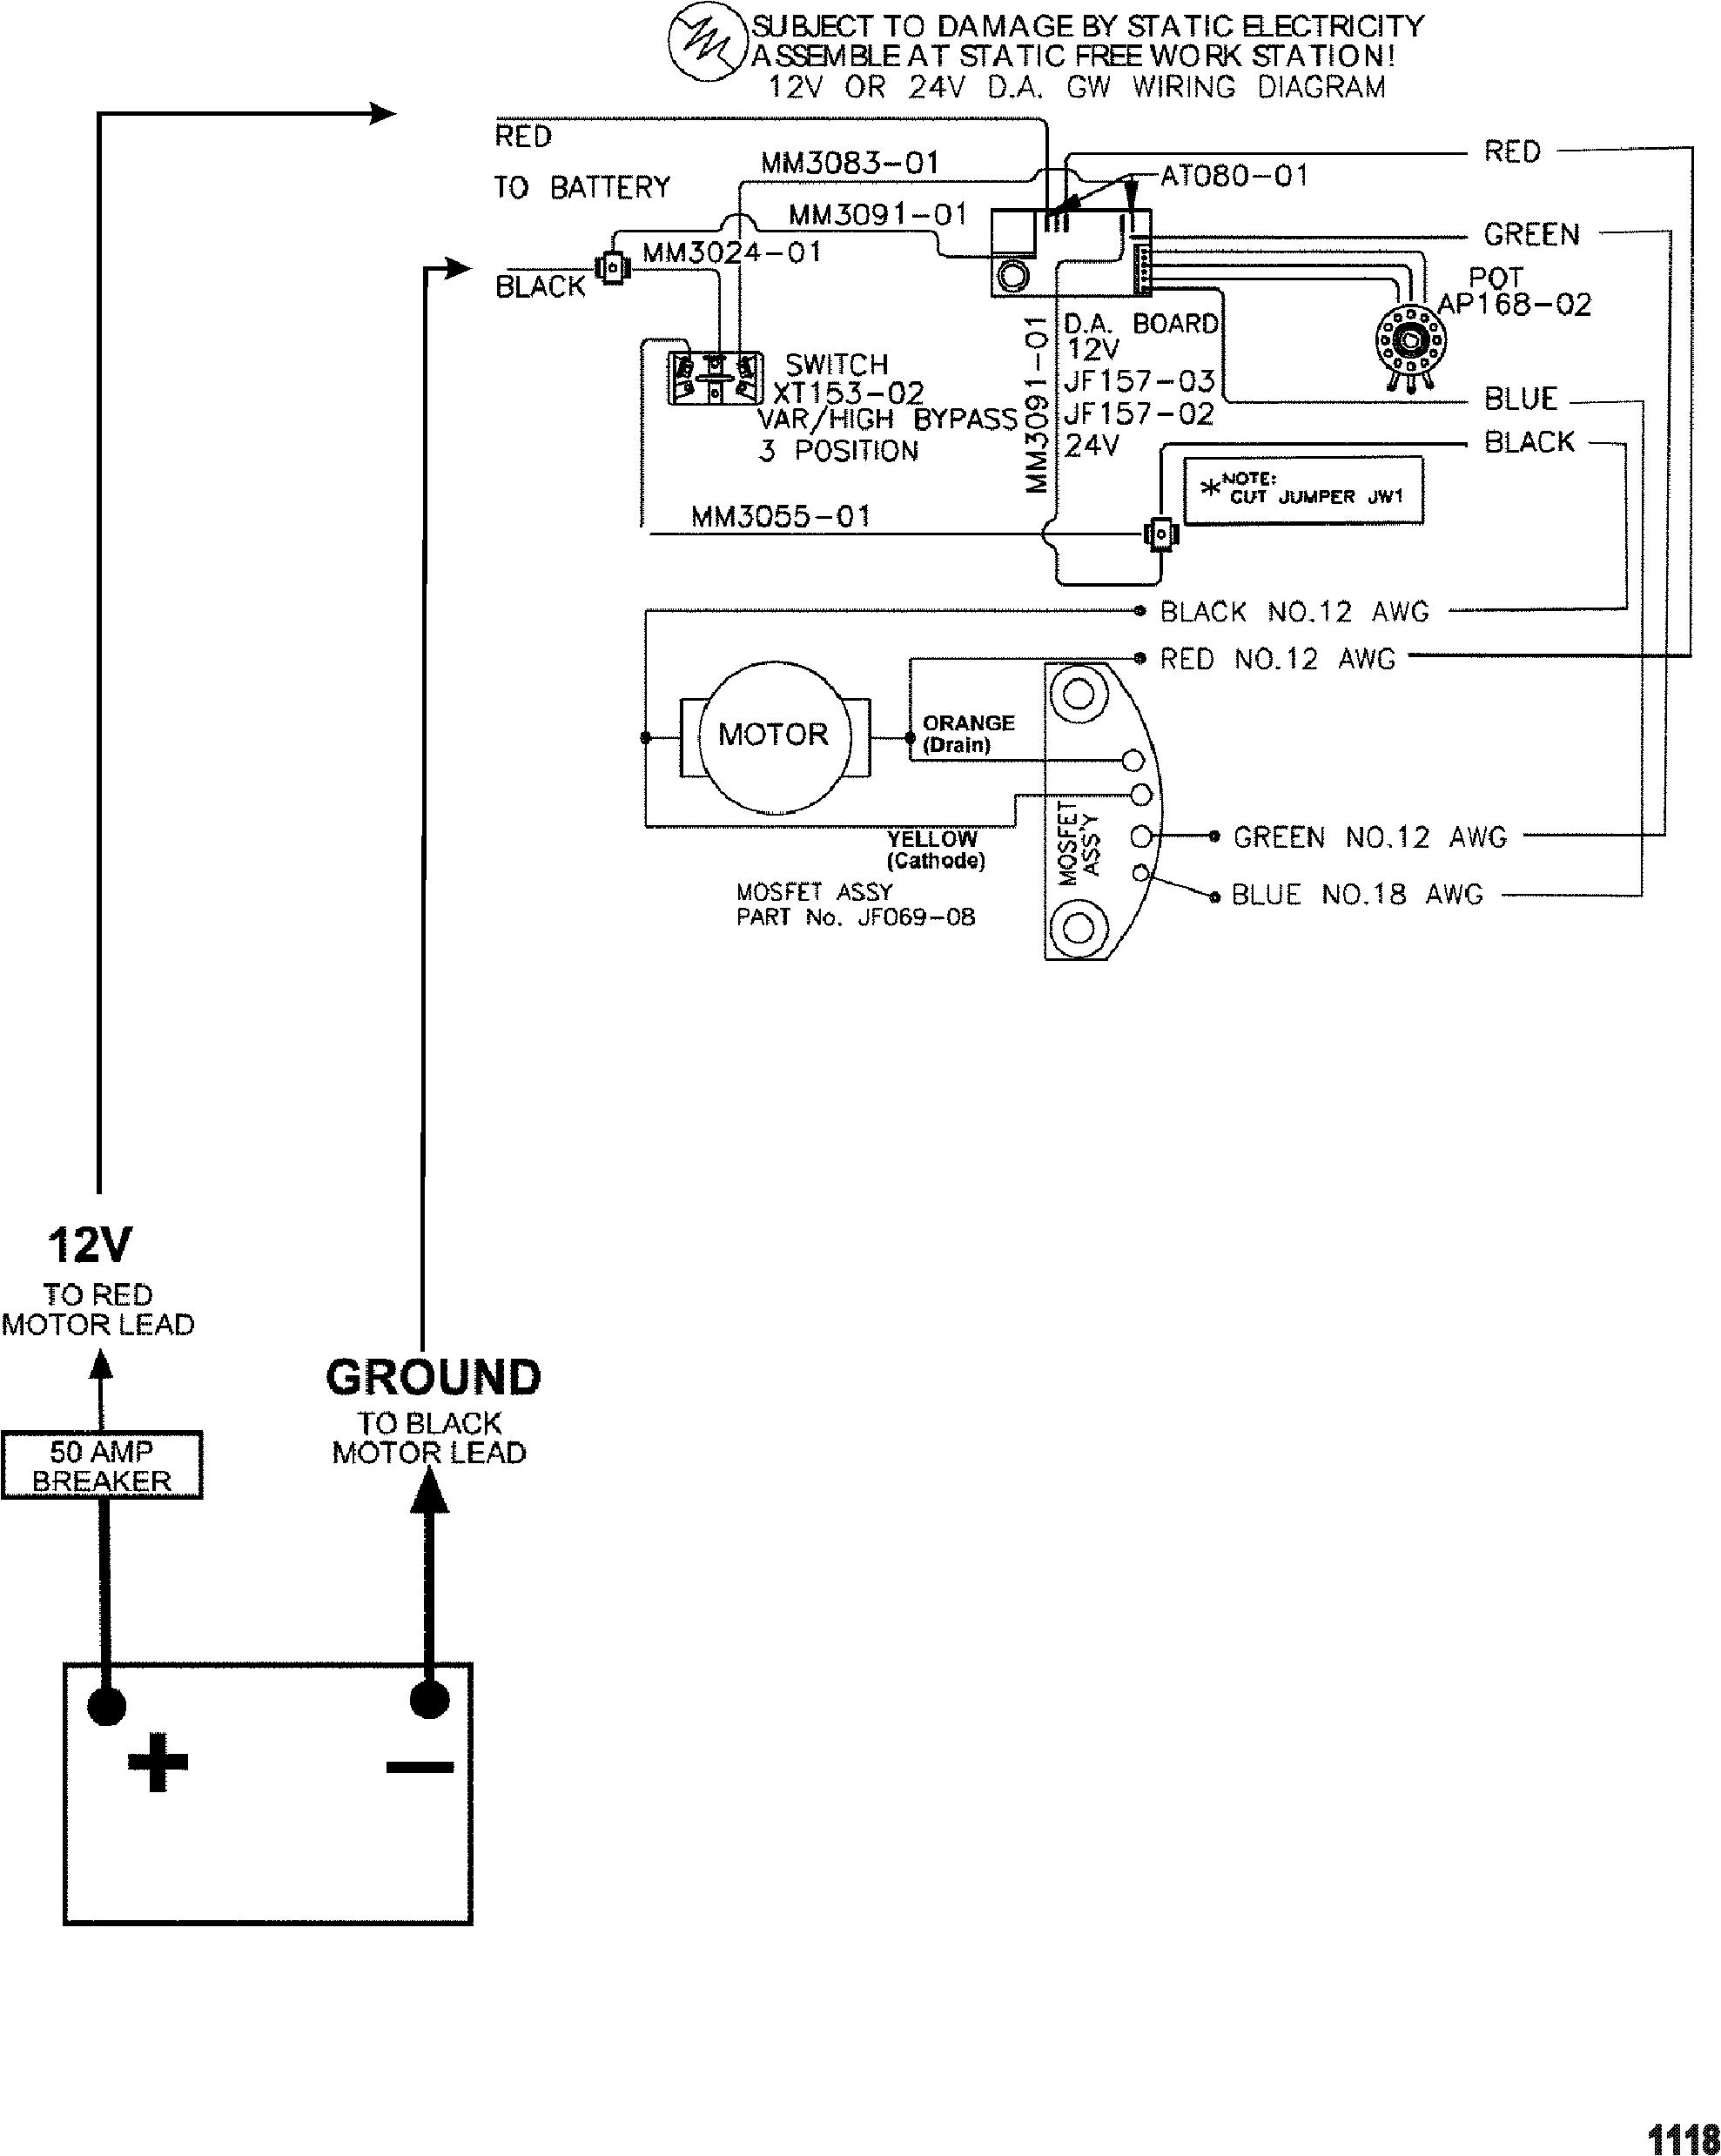 12 24 trolling motor wiring diagram motorguide wiring diagram 12v wiring diagram data  motorguide wiring diagram 12v wiring